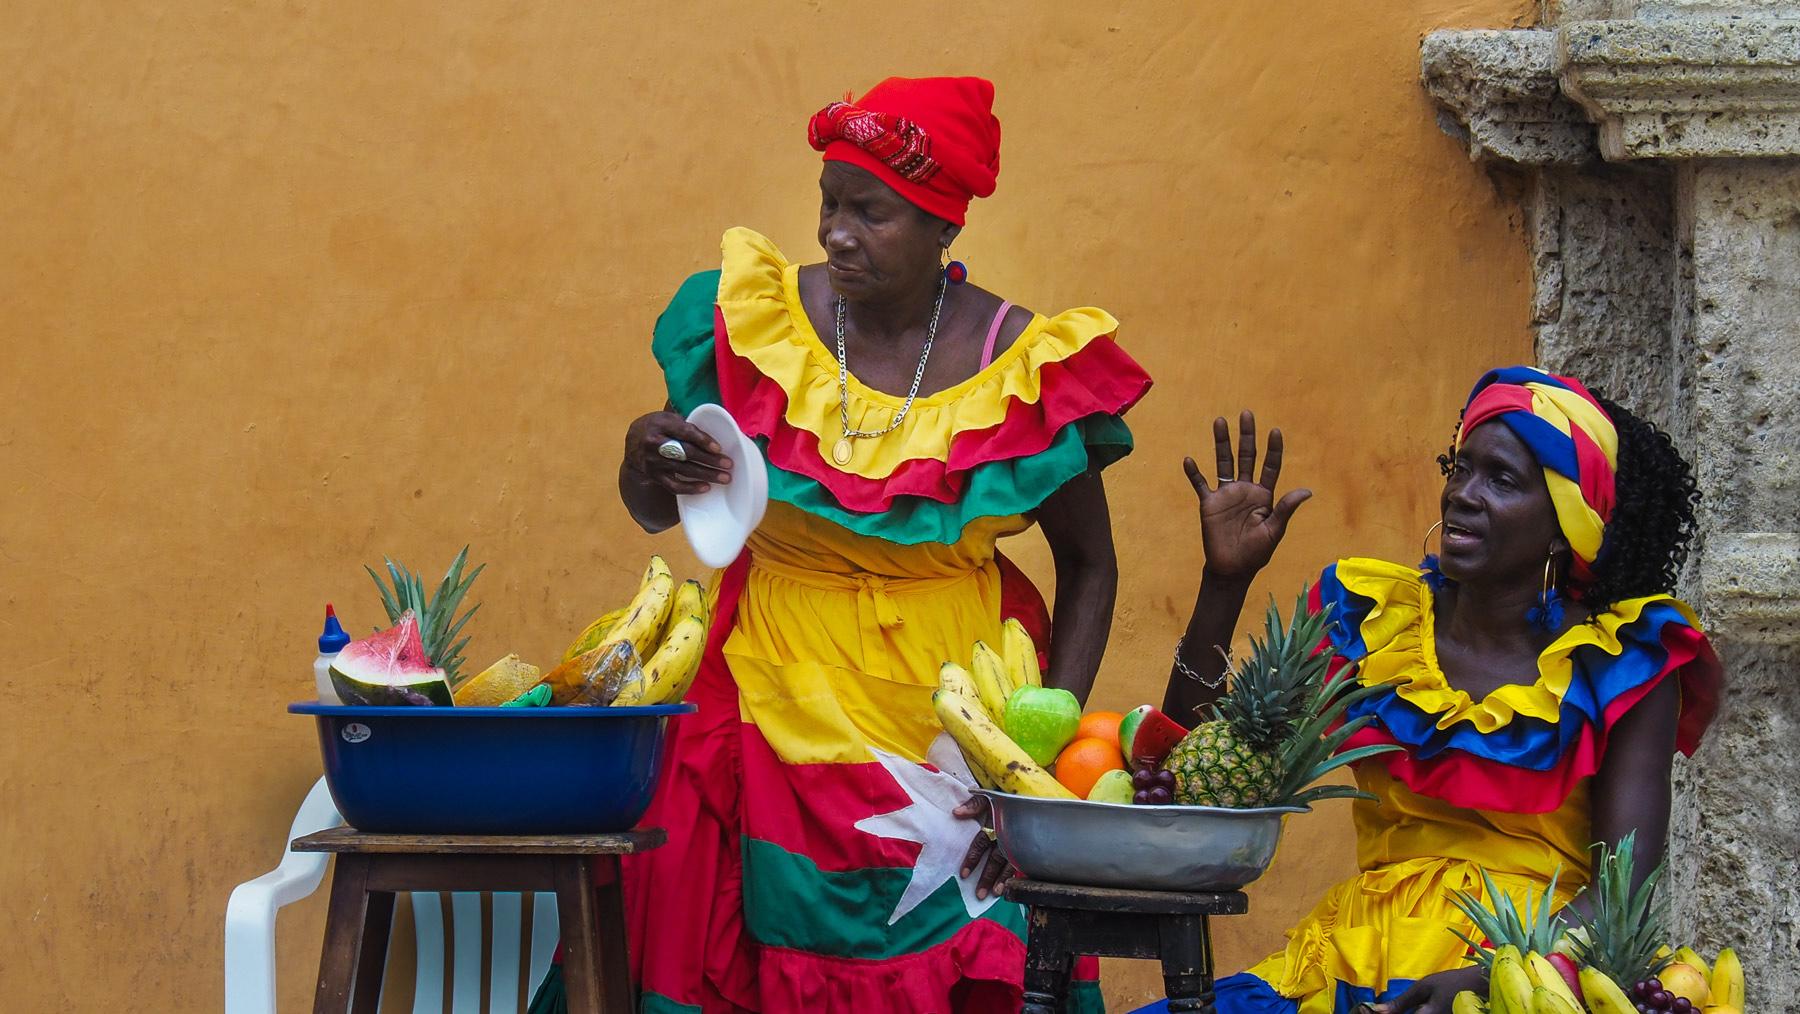 Fotogene farbenfroh gekleidete Obstverkäuferinnen warten auf Kundschaft